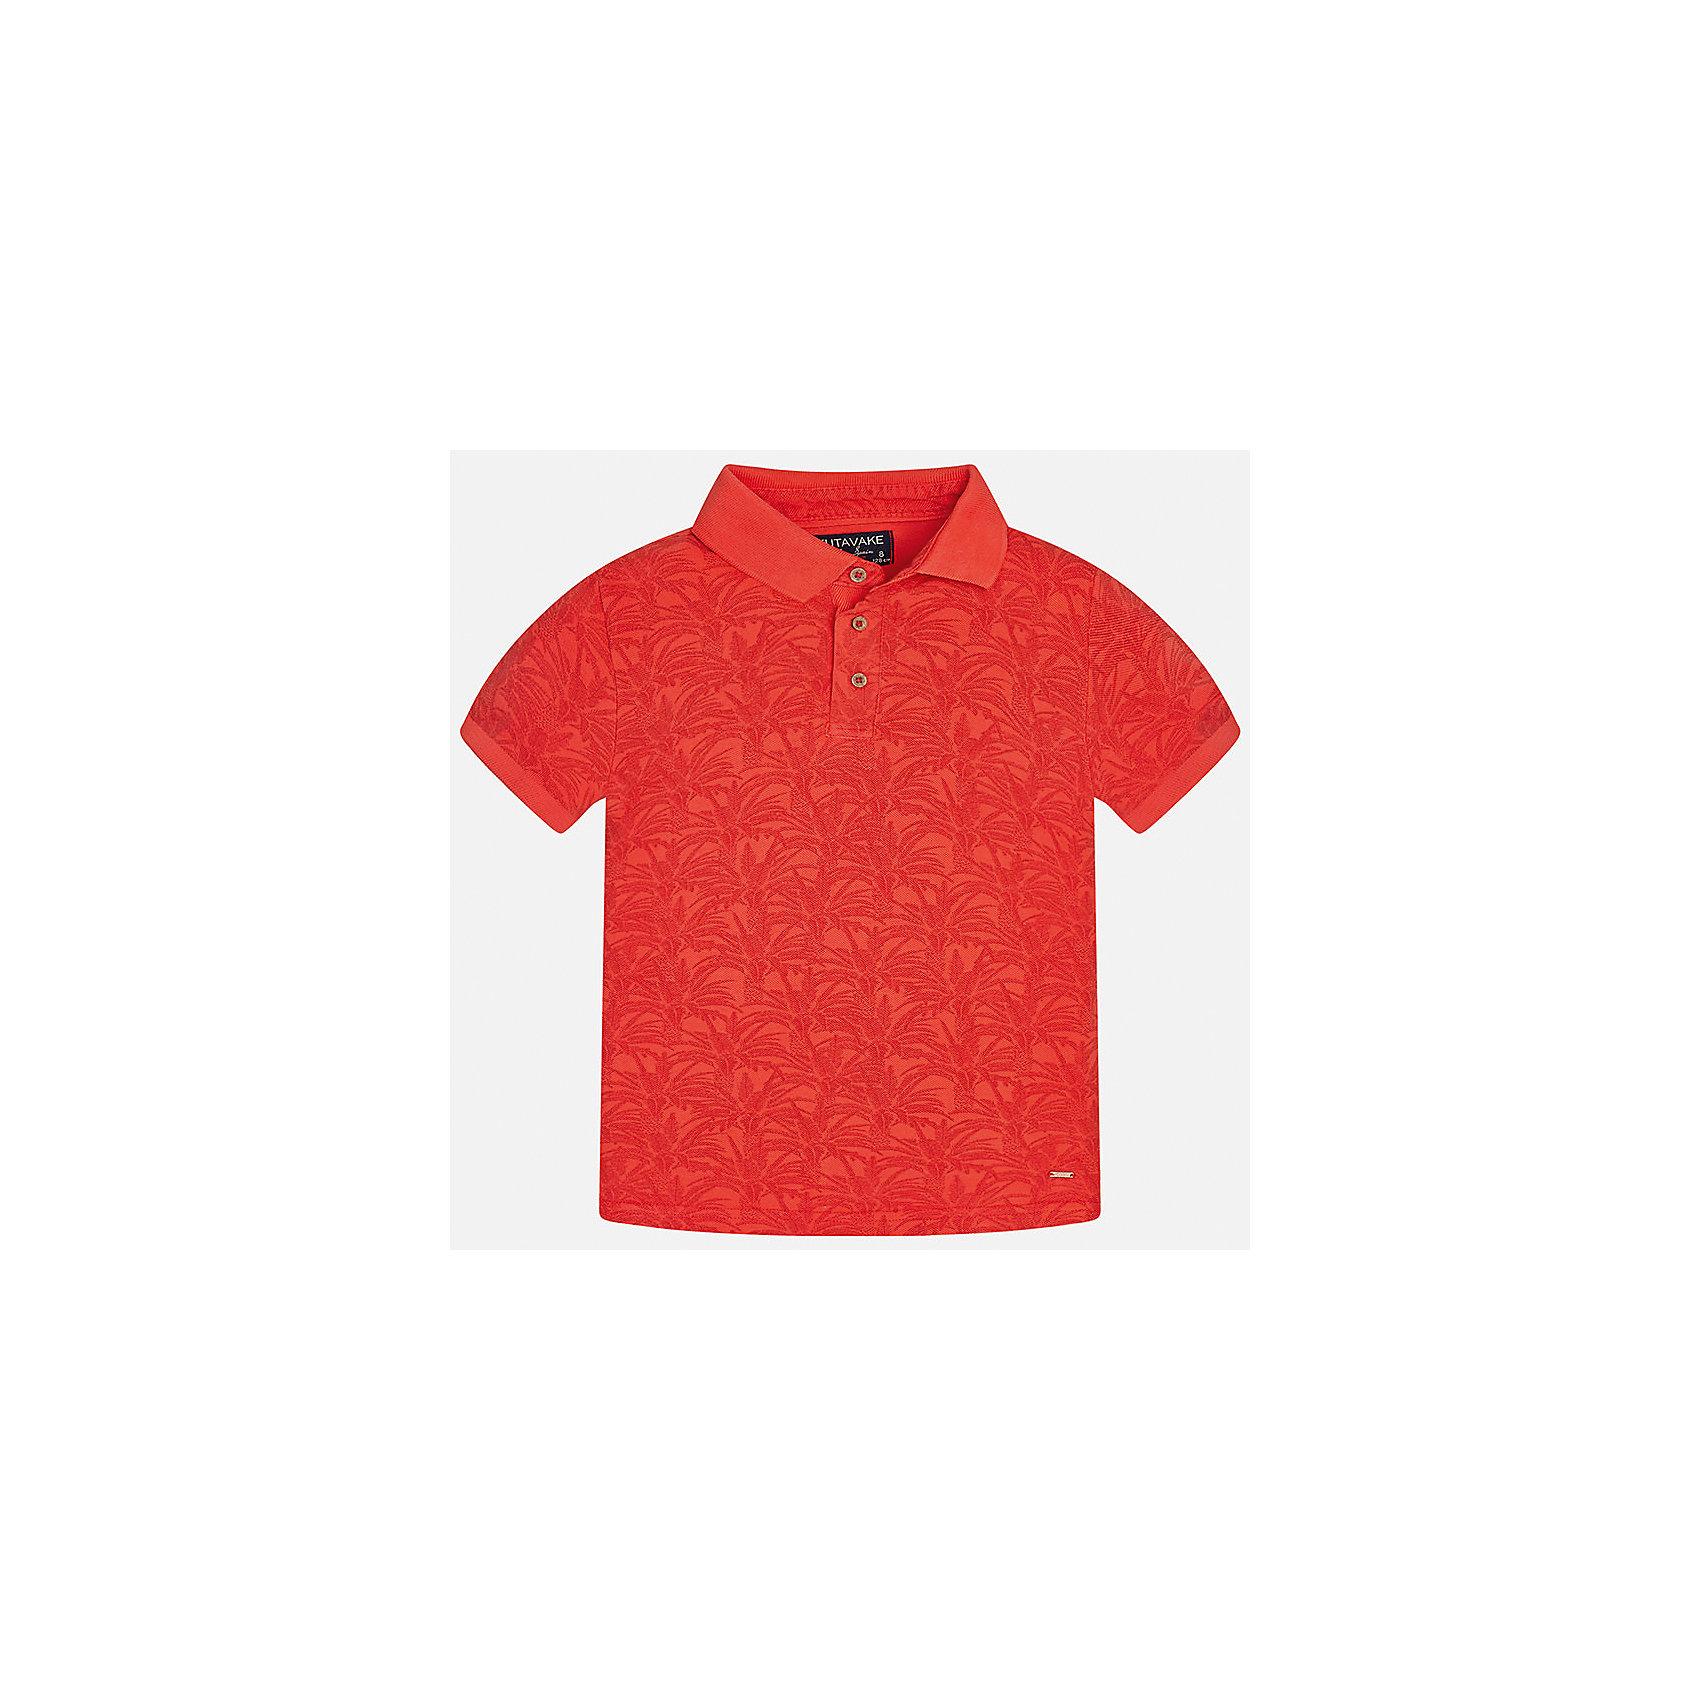 Футболка-поло для мальчика MayoralФутболки, поло и топы<br>Характеристики товара:<br><br>• цвет: красный<br>• состав: 100% хлопок<br>• отложной воротник<br>• декорирована принтом<br>• короткие рукава<br>• застежки: пуговицы<br>• страна бренда: Испания<br><br>Модная футболка-поло поможет разнообразить гардероб мальчика. Она отлично сочетается с брюками, шортами, джинсами. Универсальный крой и цвет позволяет подобрать к вещи низ разных расцветок. Практичное и стильное изделие! Хорошо смотрится и комфортно сидит на детях. В составе материала - только натуральный хлопок, гипоаллергенный, приятный на ощупь, дышащий. <br><br>Одежда, обувь и аксессуары от испанского бренда Mayoral полюбились детям и взрослым по всему миру. Модели этой марки - стильные и удобные. Для их производства используются только безопасные, качественные материалы и фурнитура. Порадуйте ребенка модными и красивыми вещами от Mayoral! <br><br>Футболку-поло для мальчика от испанского бренда Mayoral (Майорал) можно купить в нашем интернет-магазине.<br><br>Ширина мм: 230<br>Глубина мм: 40<br>Высота мм: 220<br>Вес г: 250<br>Цвет: розовый<br>Возраст от месяцев: 120<br>Возраст до месяцев: 132<br>Пол: Мужской<br>Возраст: Детский<br>Размер: 152,170,164,158,140,128/134<br>SKU: 5281538